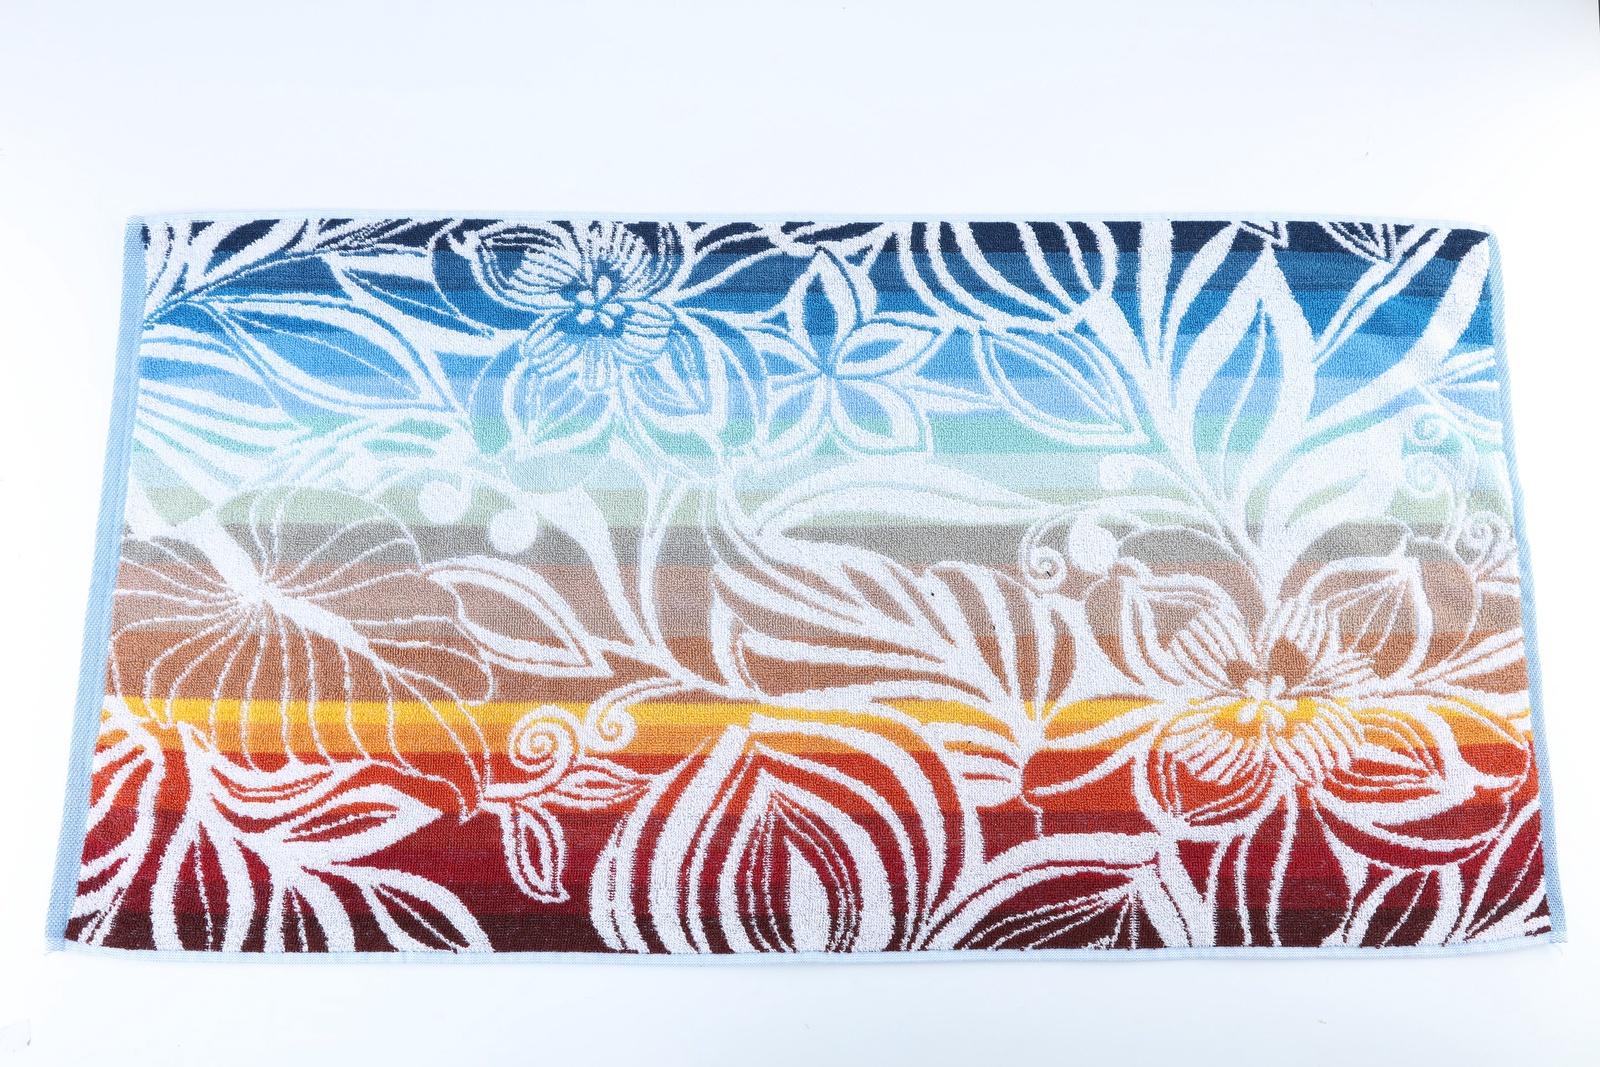 Полотенце для лица, рук или ног Авангард Махровое полотенце, разноцветный хлопок возраст purcotton мокрое и сухое мягкое хлопчатобумажного полотенце хлопка полотенце хлопок для удаления 9 12см